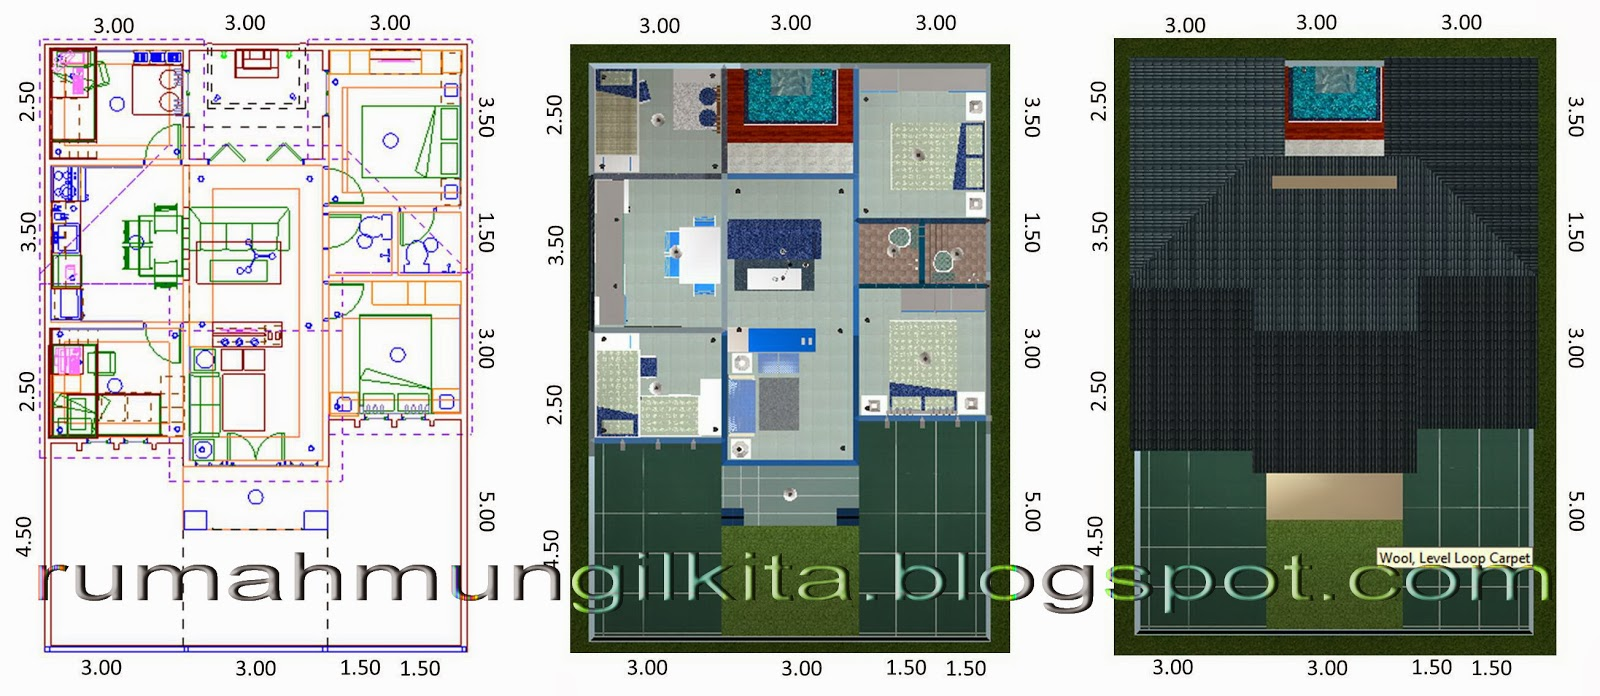 69 Desain Rumah Minimalis 2 Kamar Tidur Desain Rumah Minimalis Terbaru